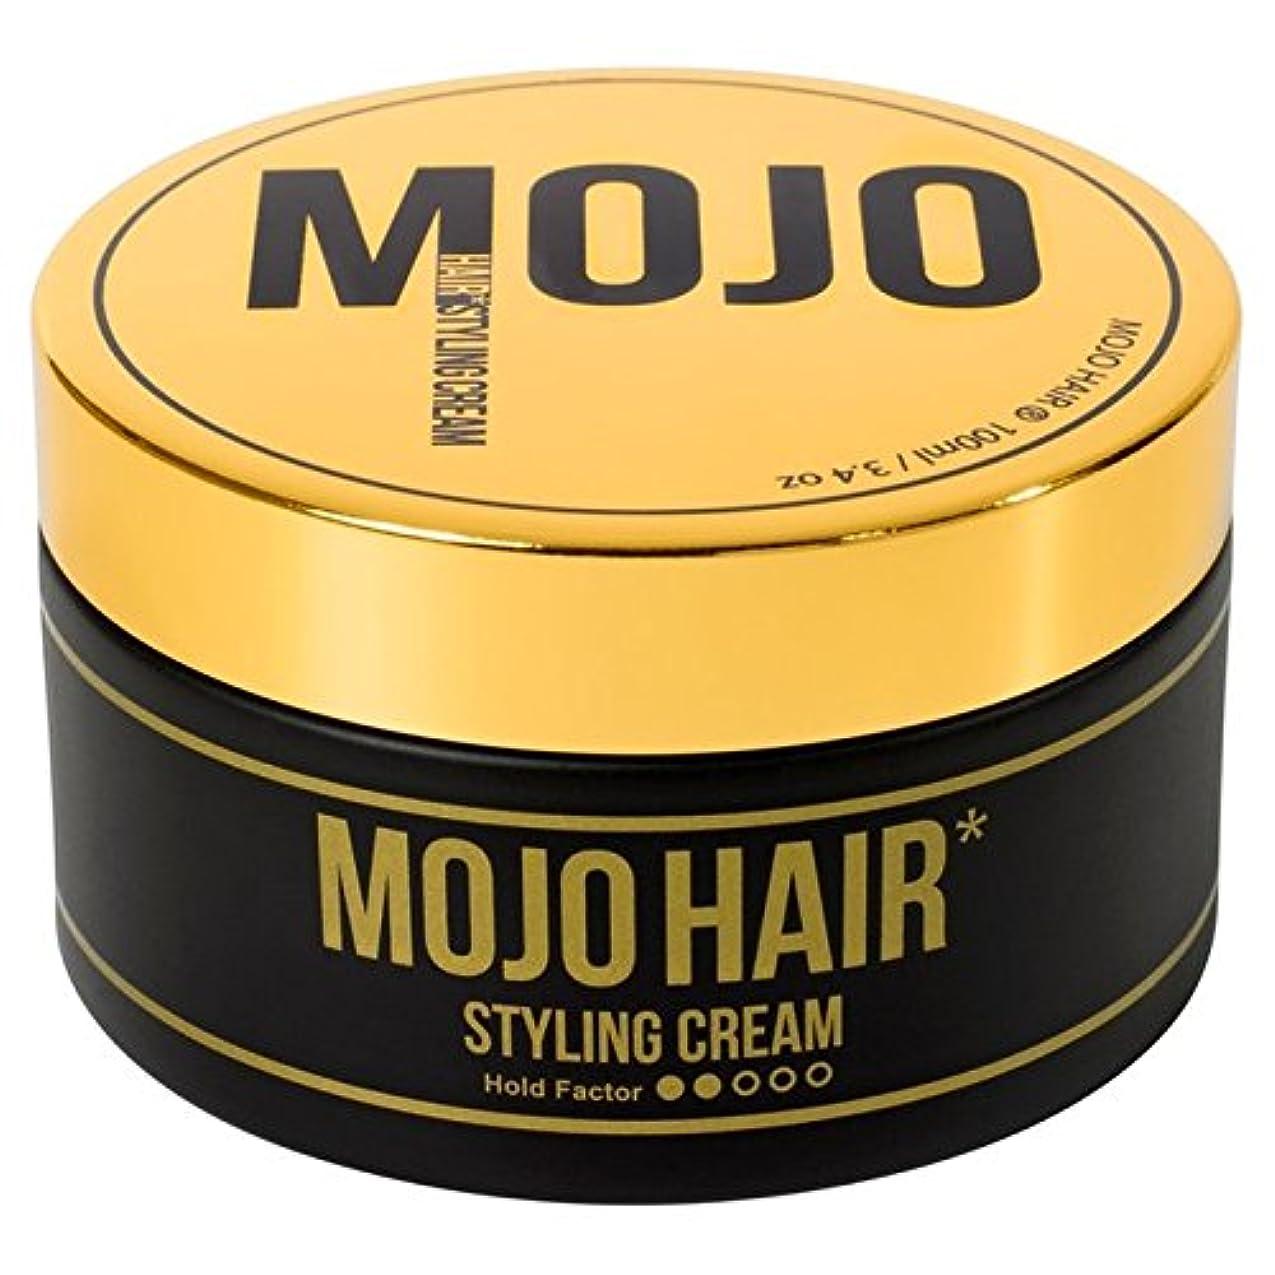 凝縮するオンスそしてMOJO HAIR Styling Cream for Men 100ml - 100ミリリットル男性のためのモジョのヘアスタイリングクリーム [並行輸入品]